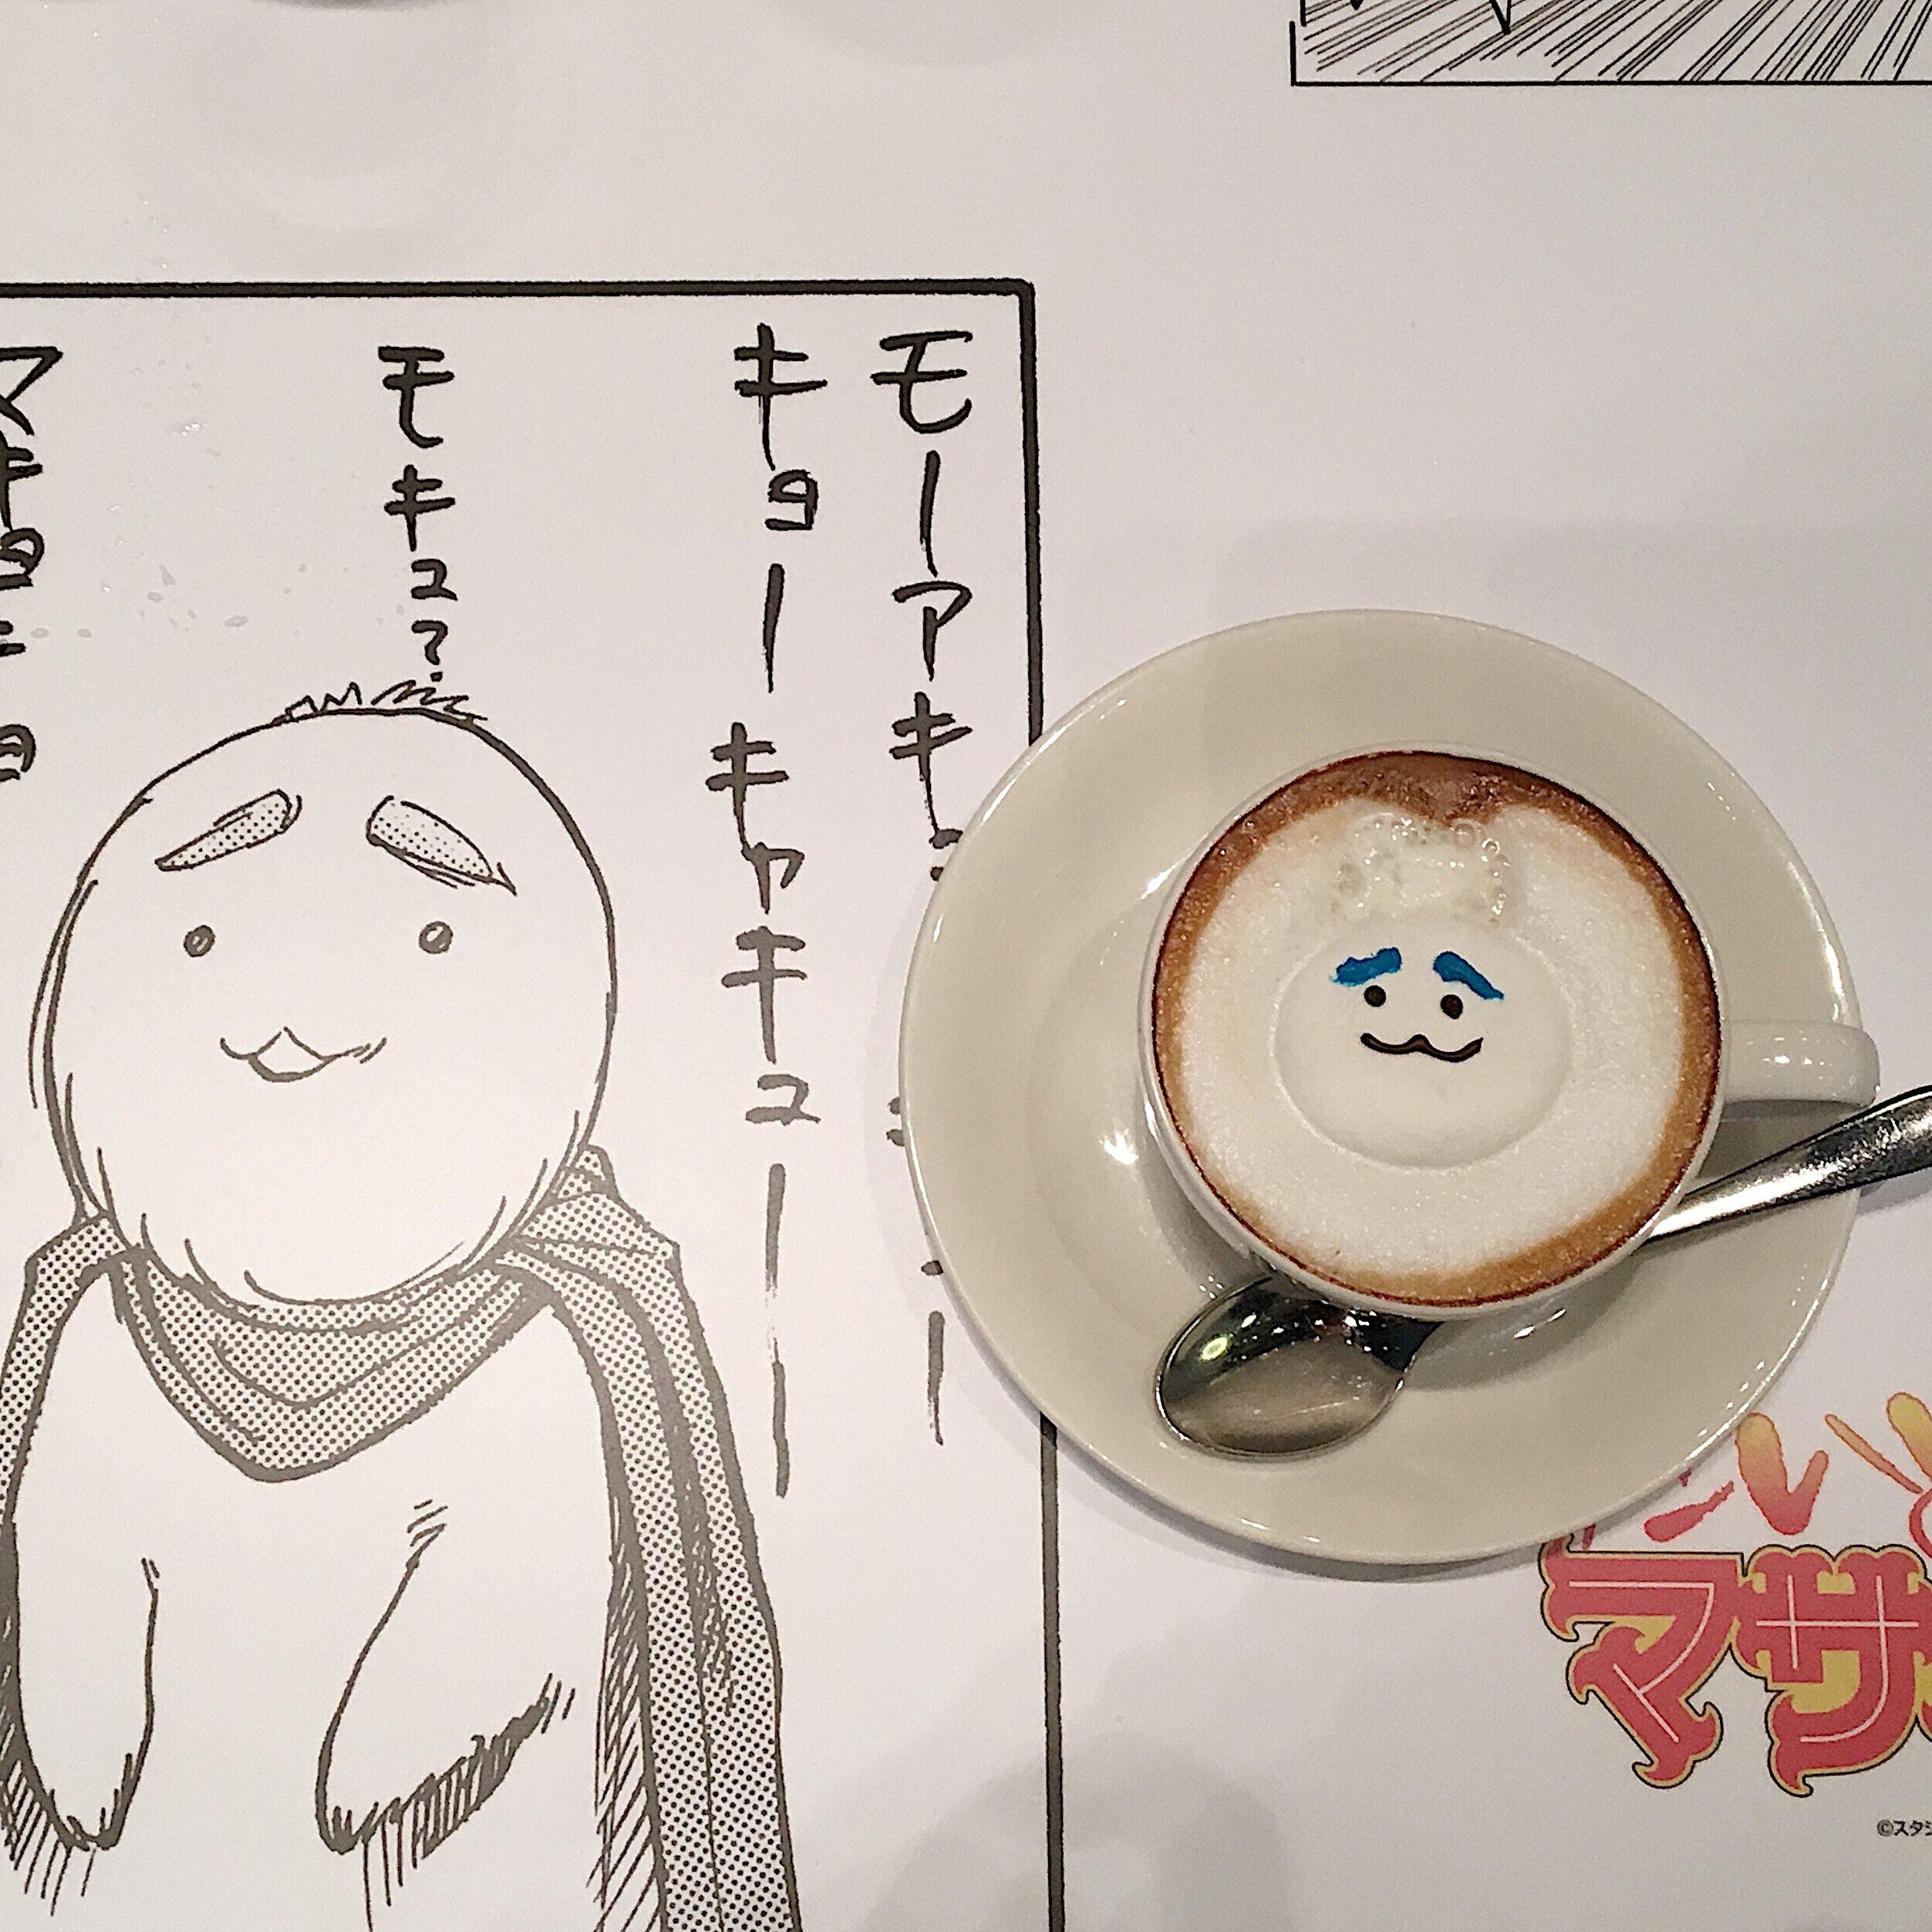 創刊50周年記念 週刊少年ジャンプ展へ_1_4